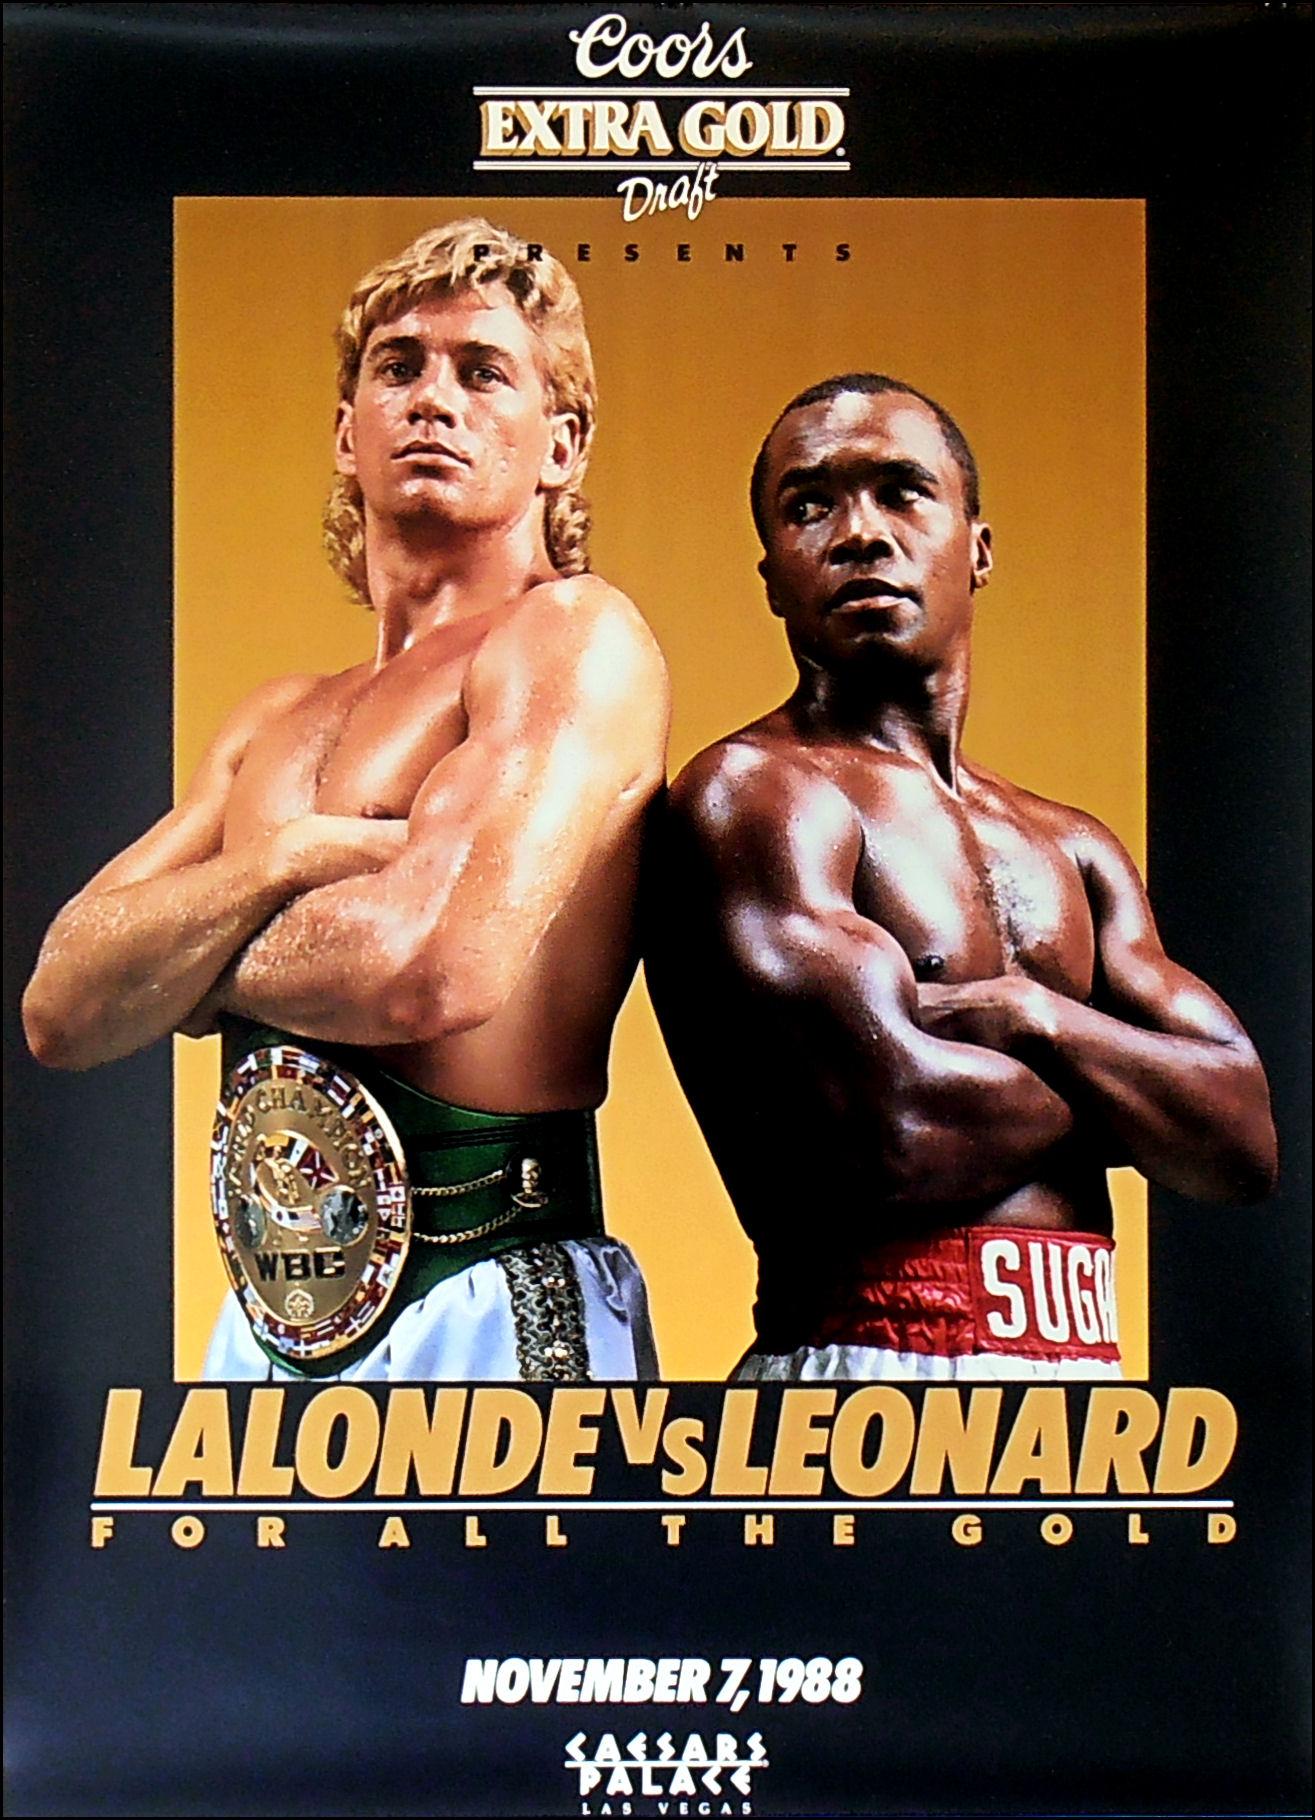 Sugar Ray Leonard vs. Donny Lalonde poster - David vs. Goliath: A boxing history lesson